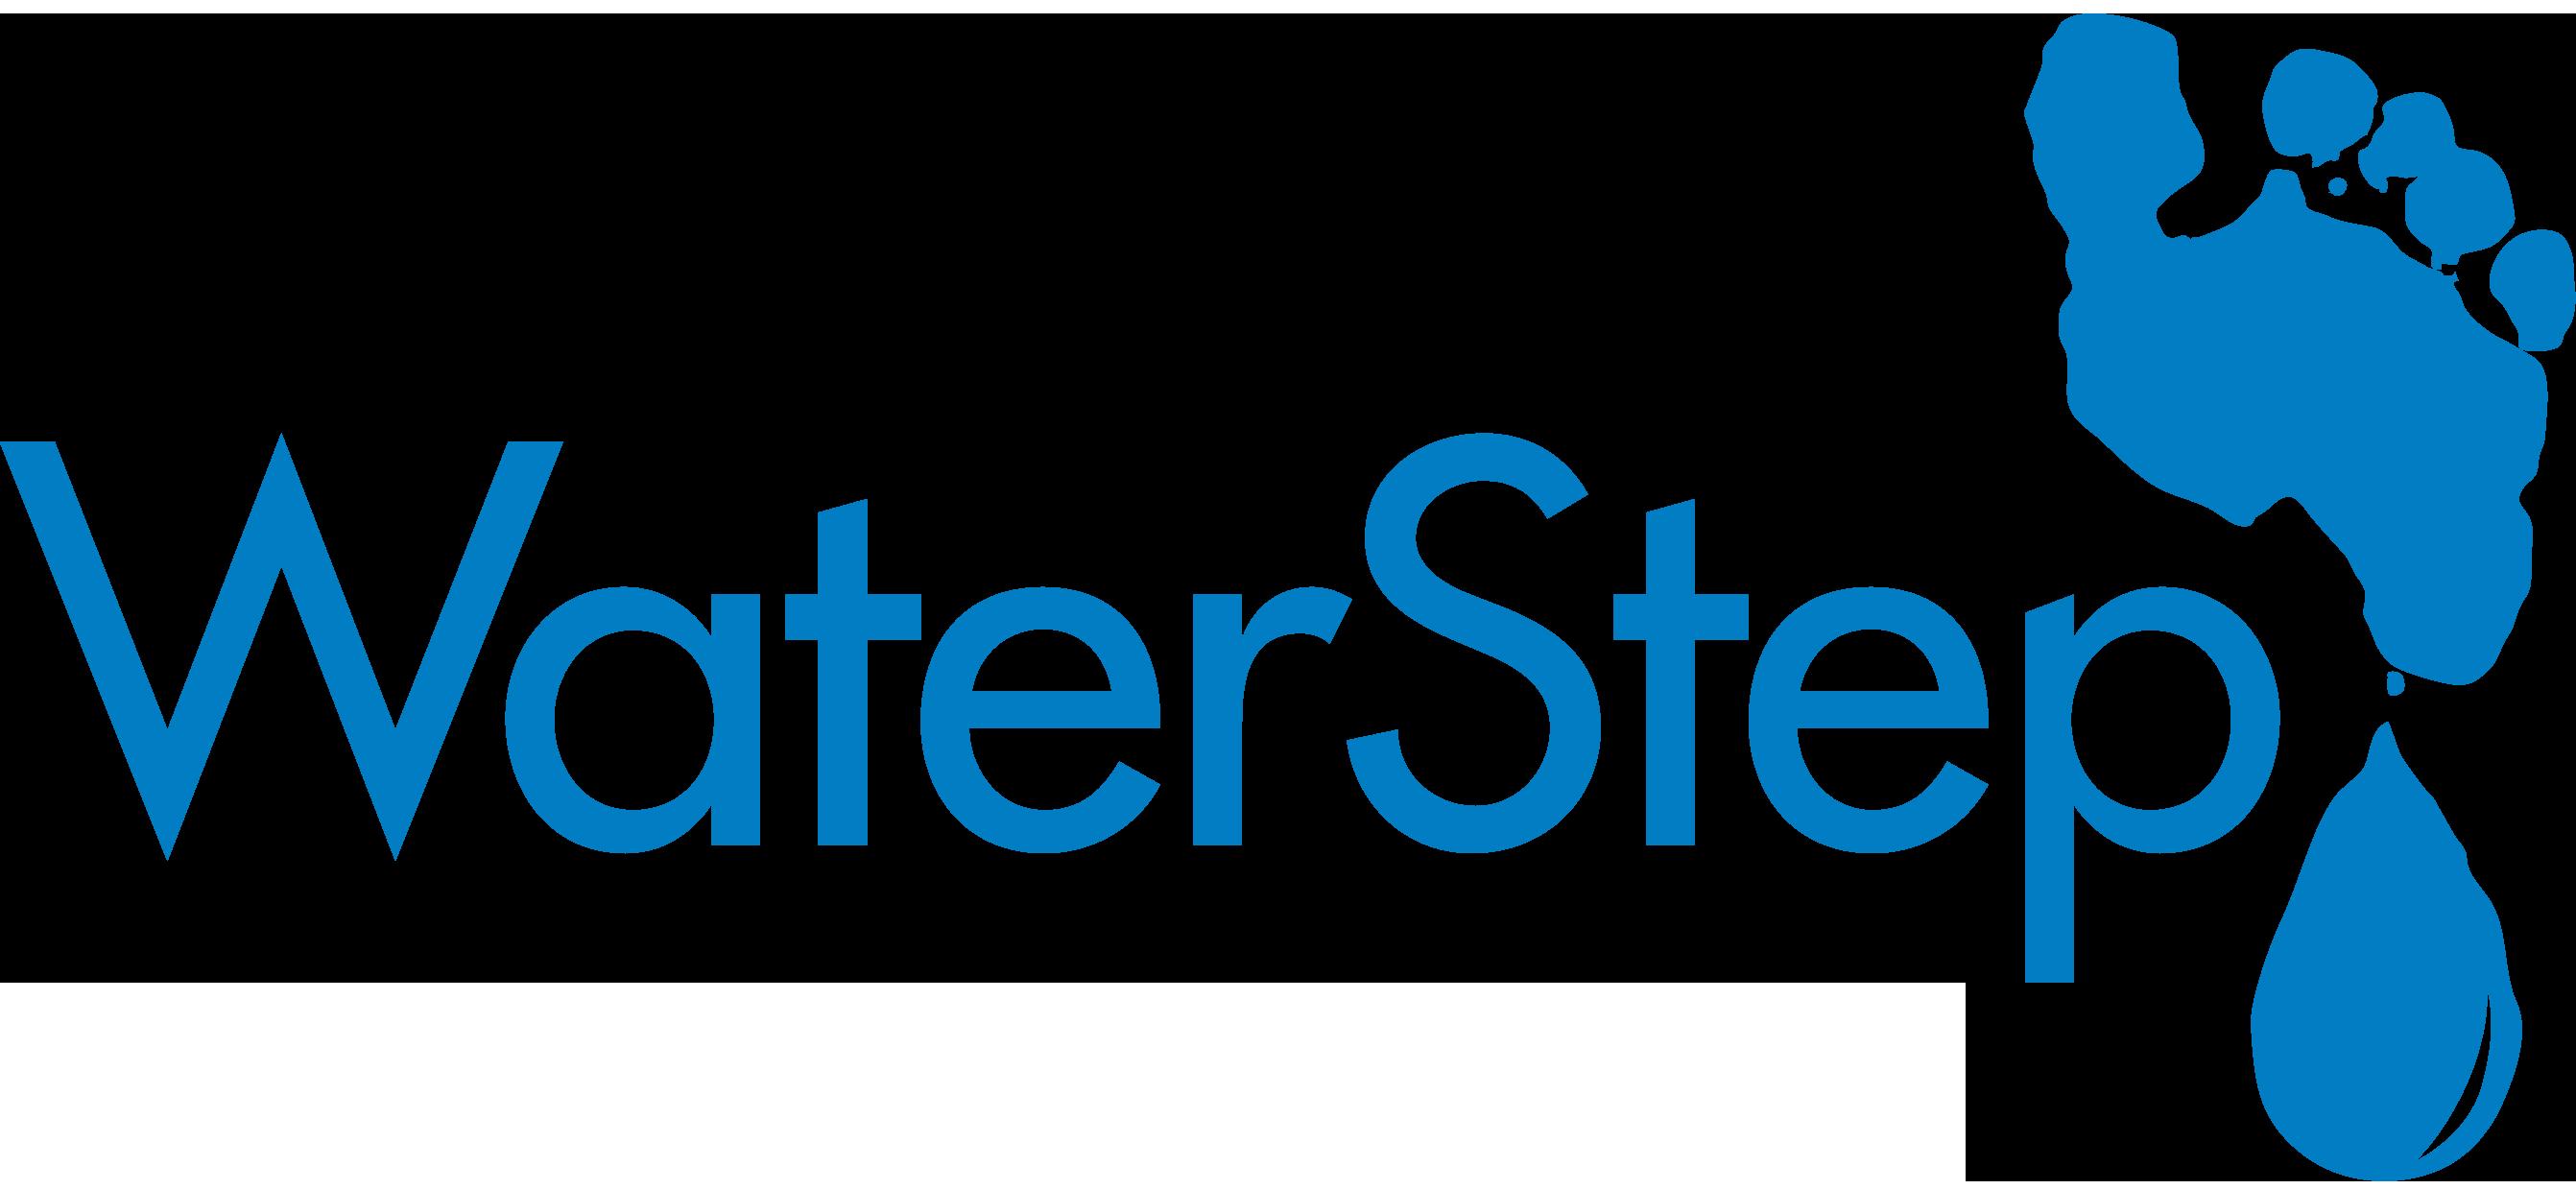 Waterstep - Logos - New Logo Blue